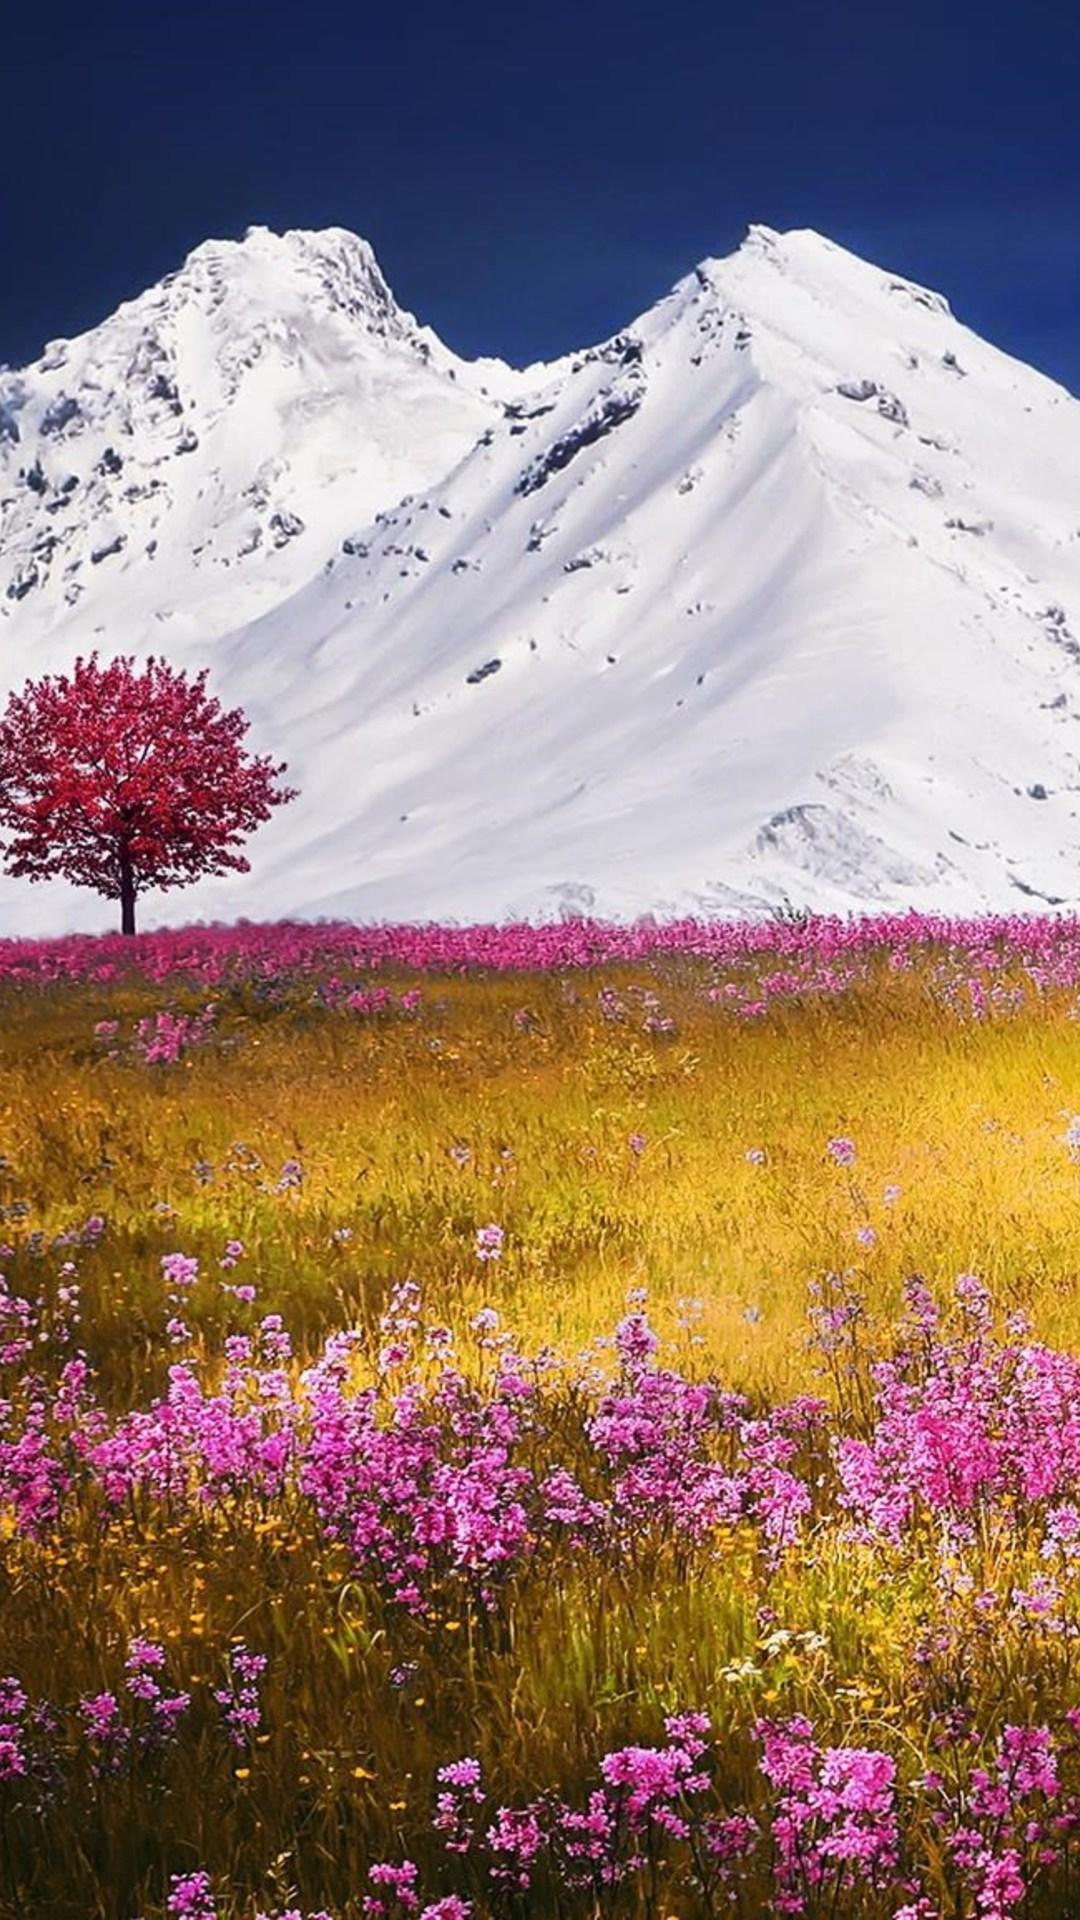 autumn fields apls mountains 1080x1920 1 - Pack de Fondos de Pantalla de Montañas